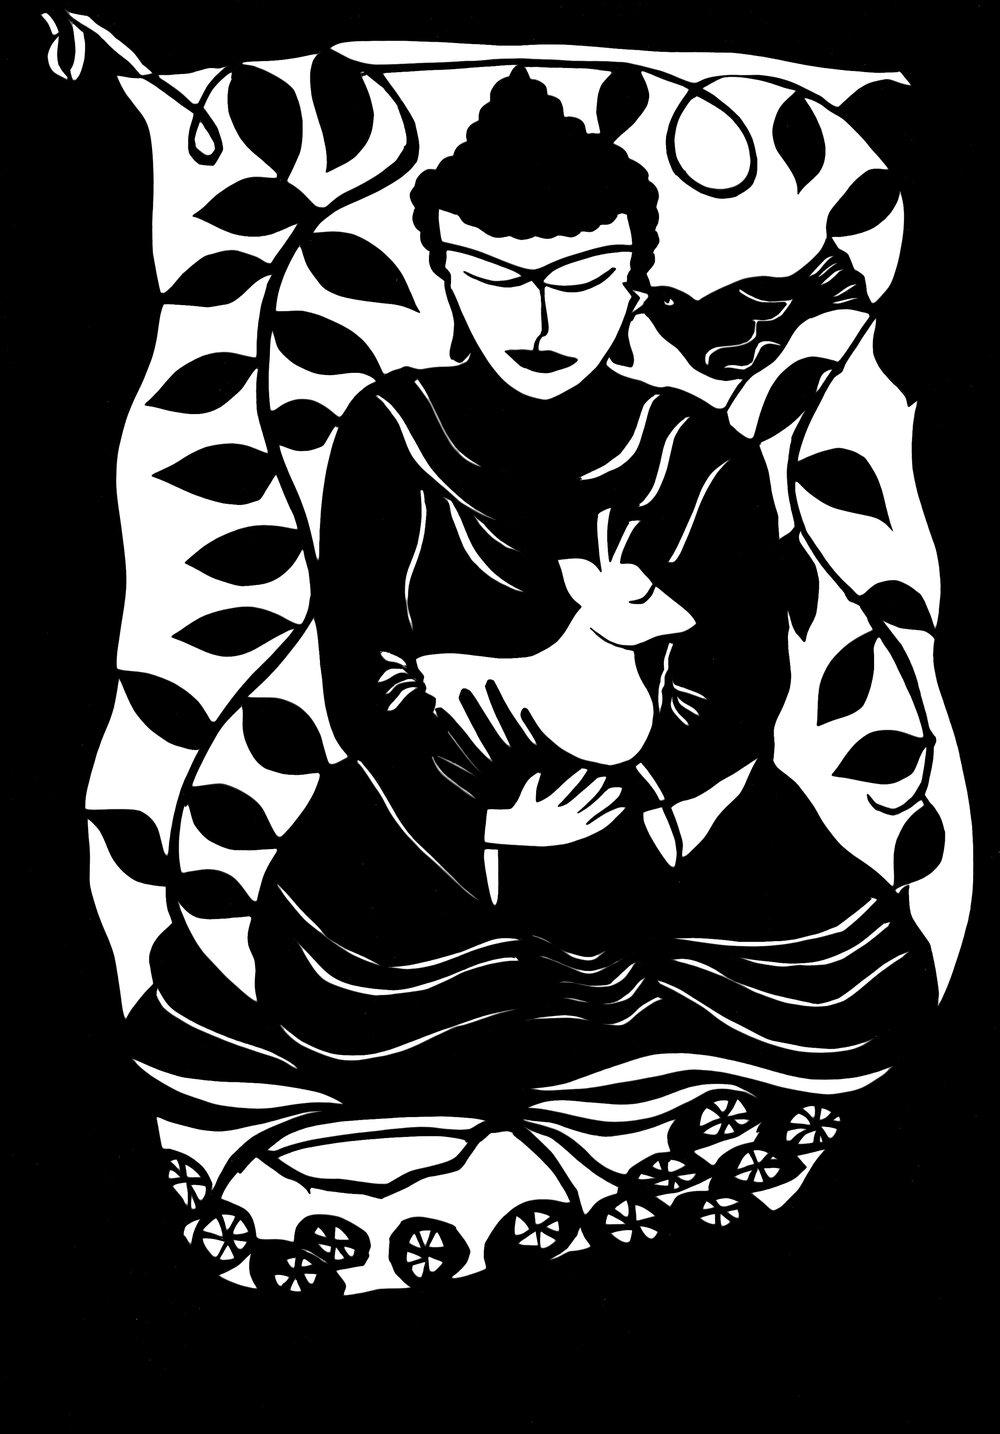 peace_like_a_deer-Edit.jpg